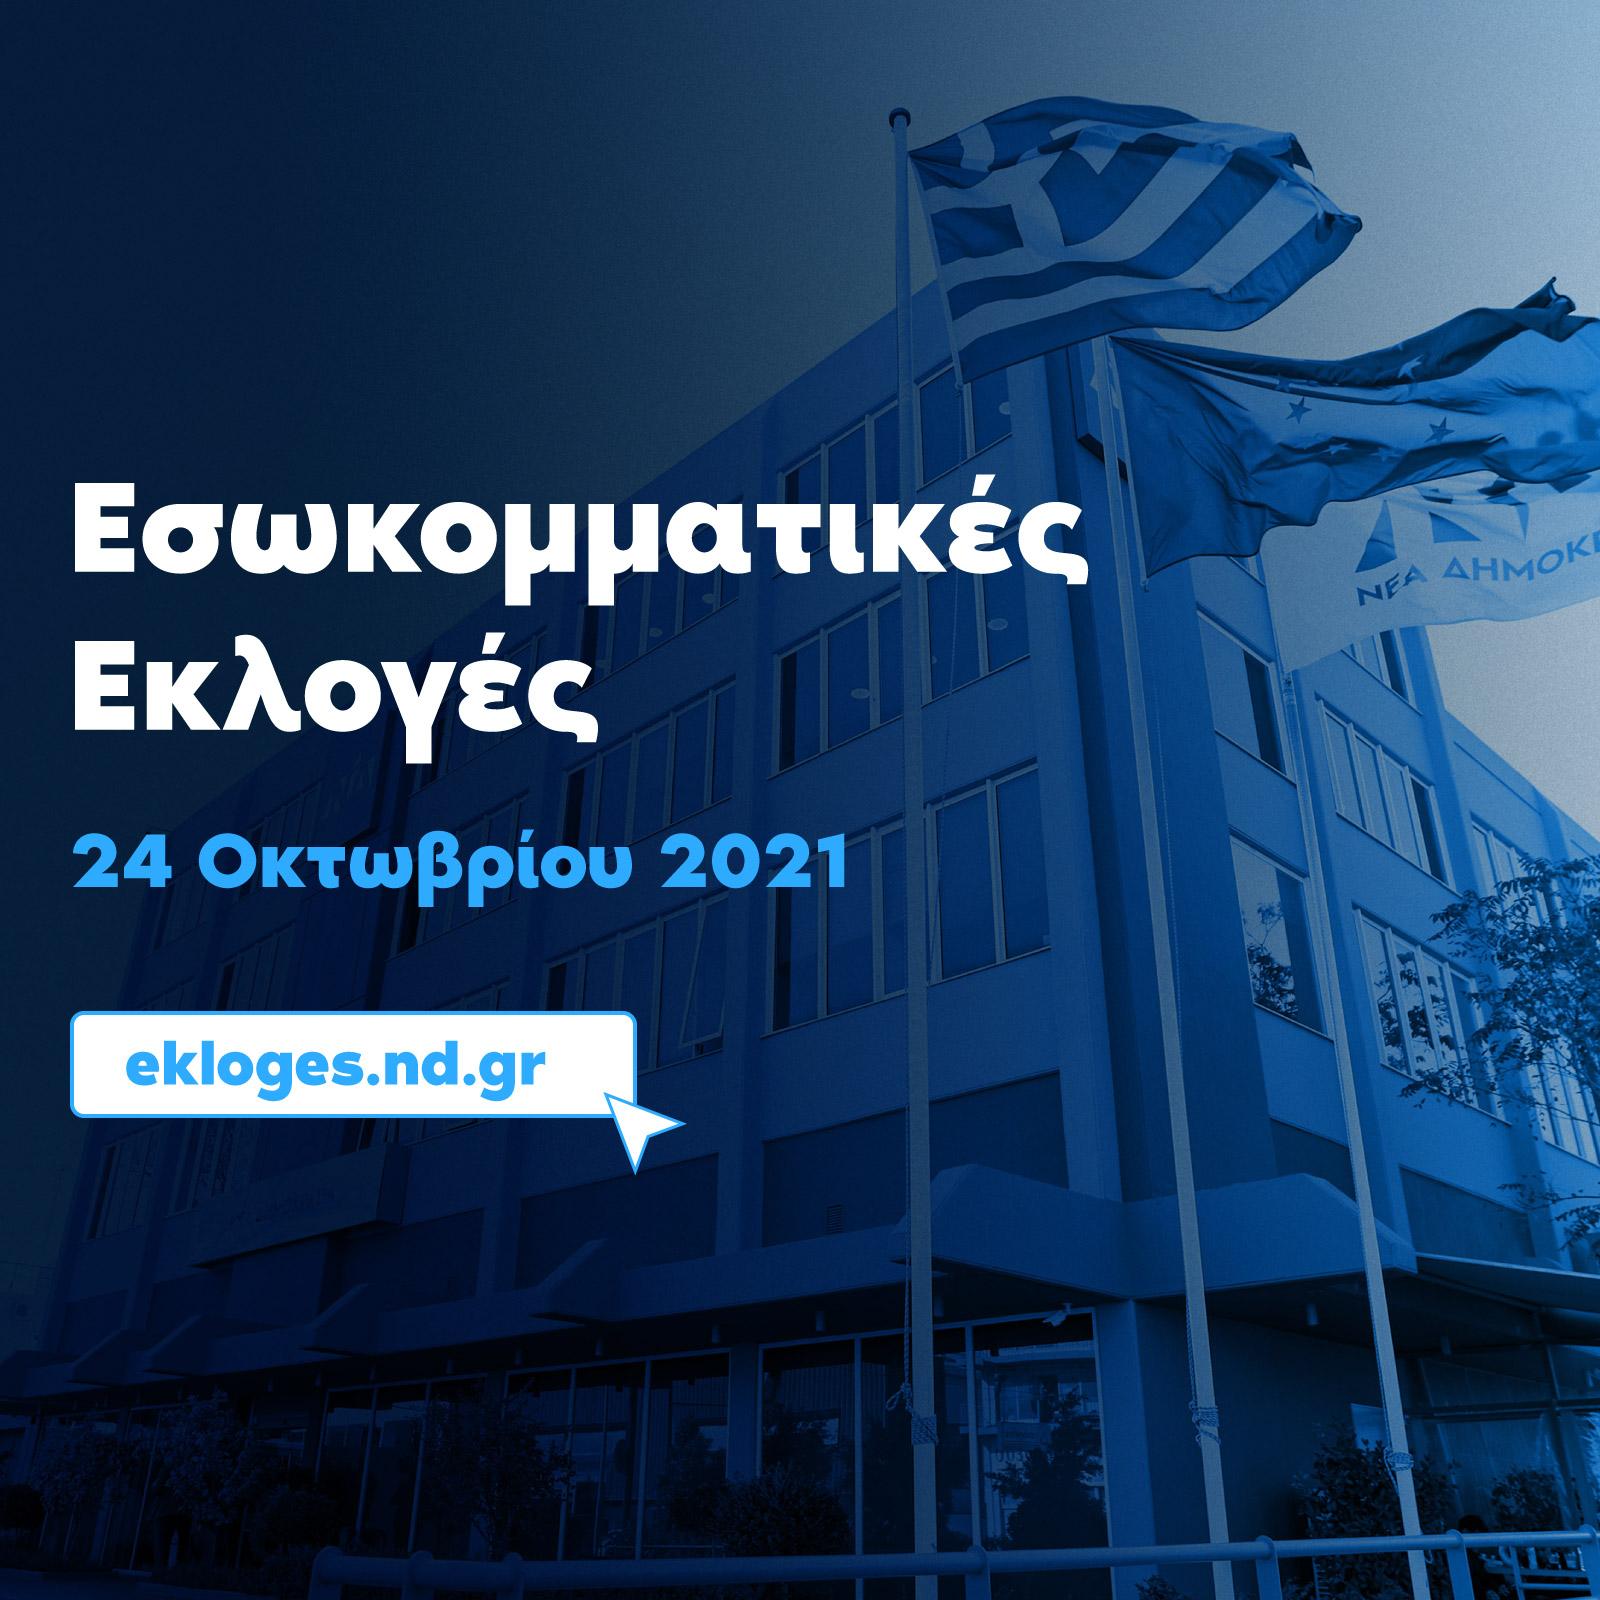 Εσωκομματικές εκλογές ΝΔ 2021